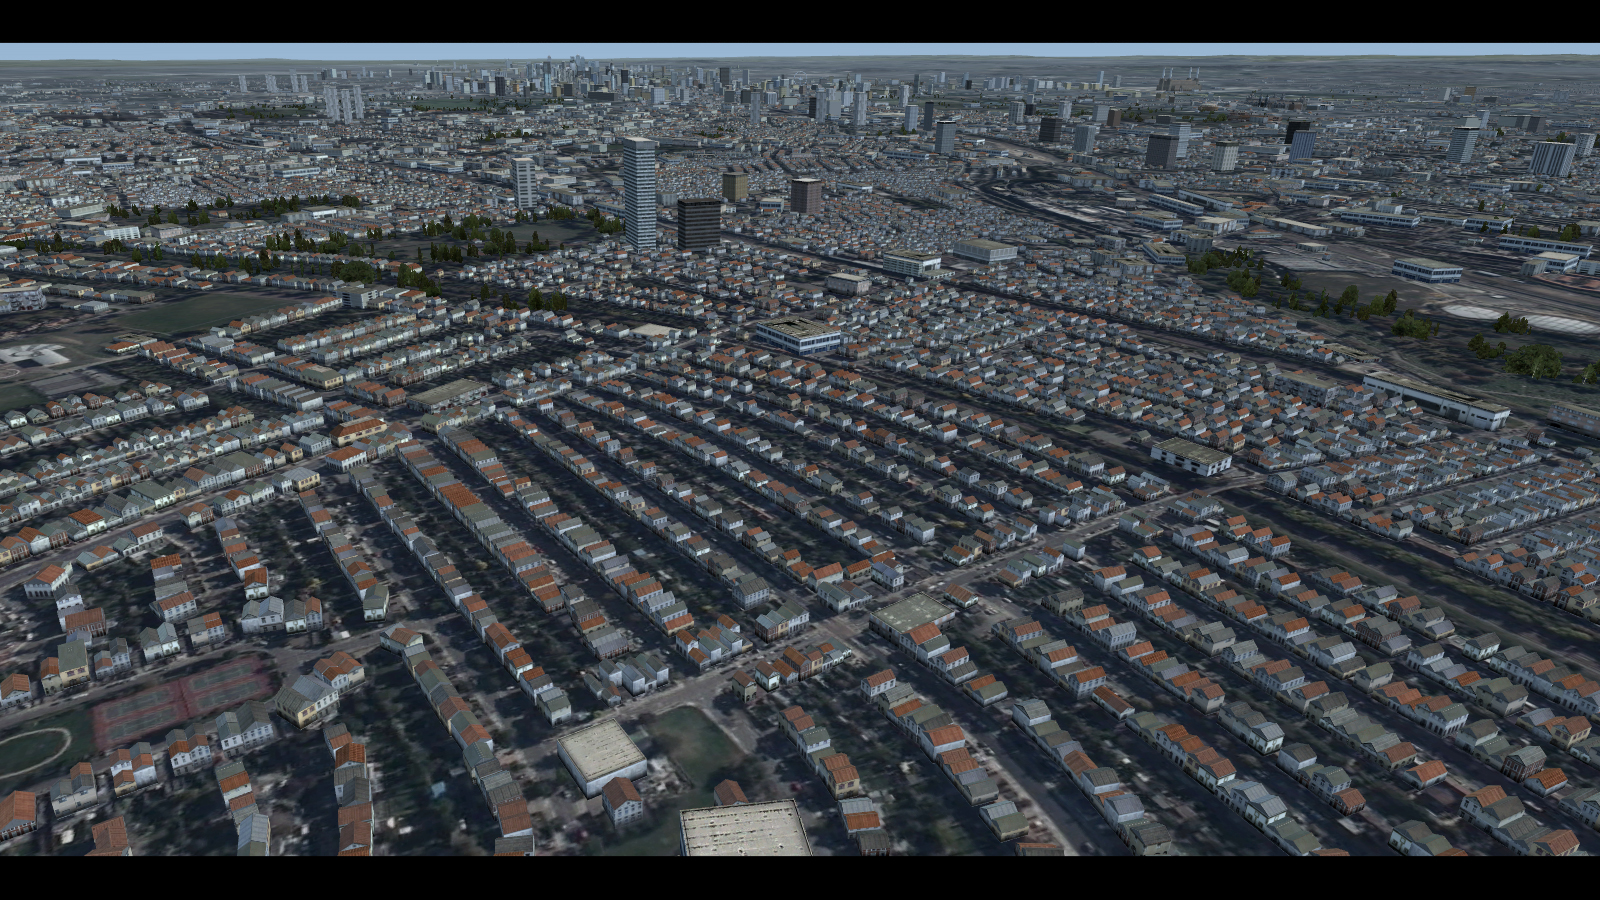 Prealsoft – HD Cities – London Autogen Released – FSElite